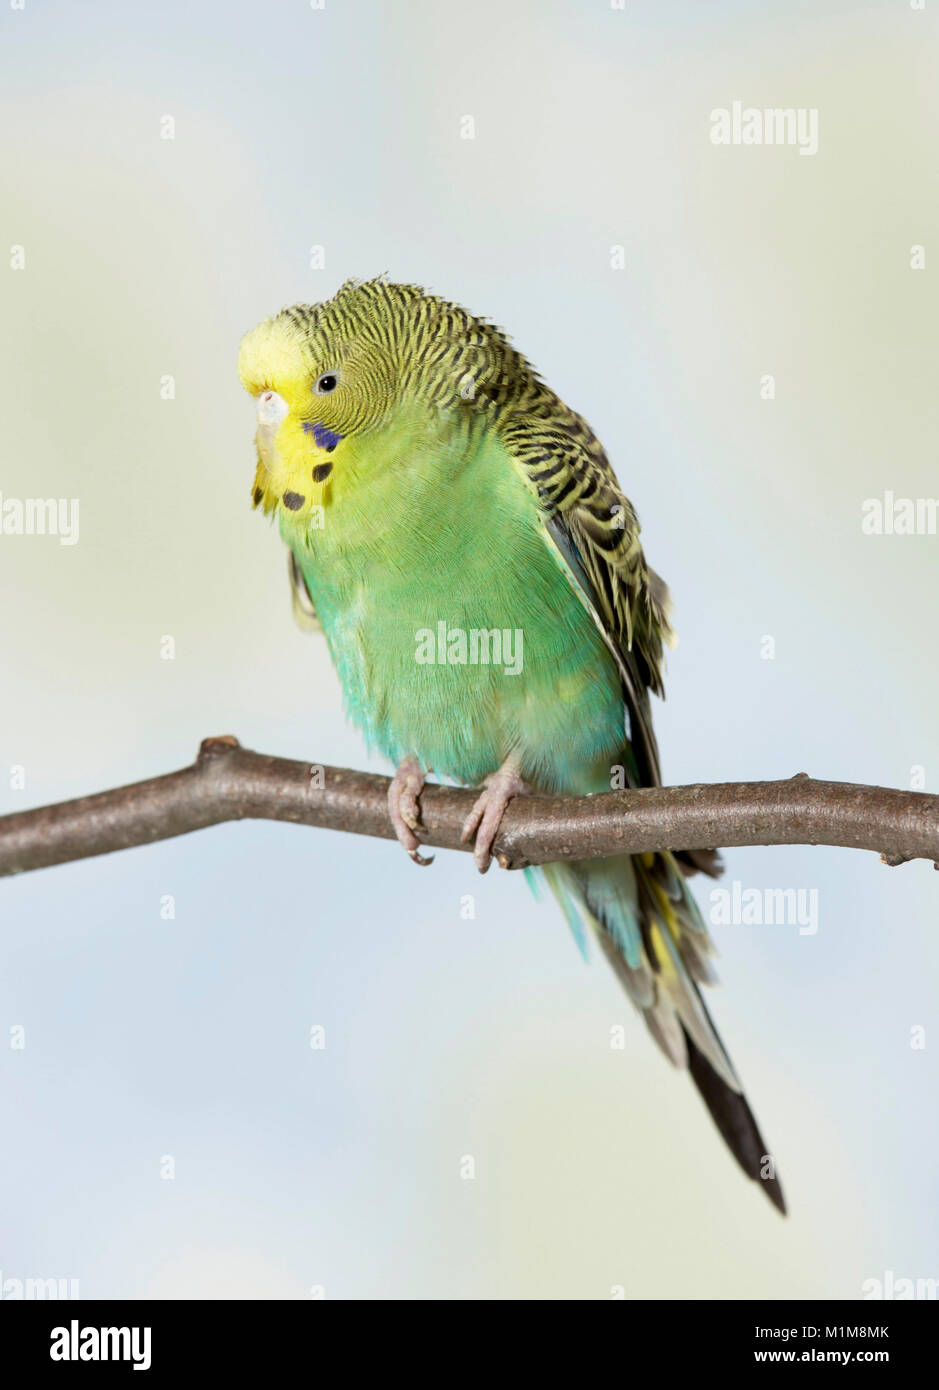 Budgericar, Budgie (Melopsittacus undulatus). Mal pájaro posado sobre un twog. Alemania Imagen De Stock